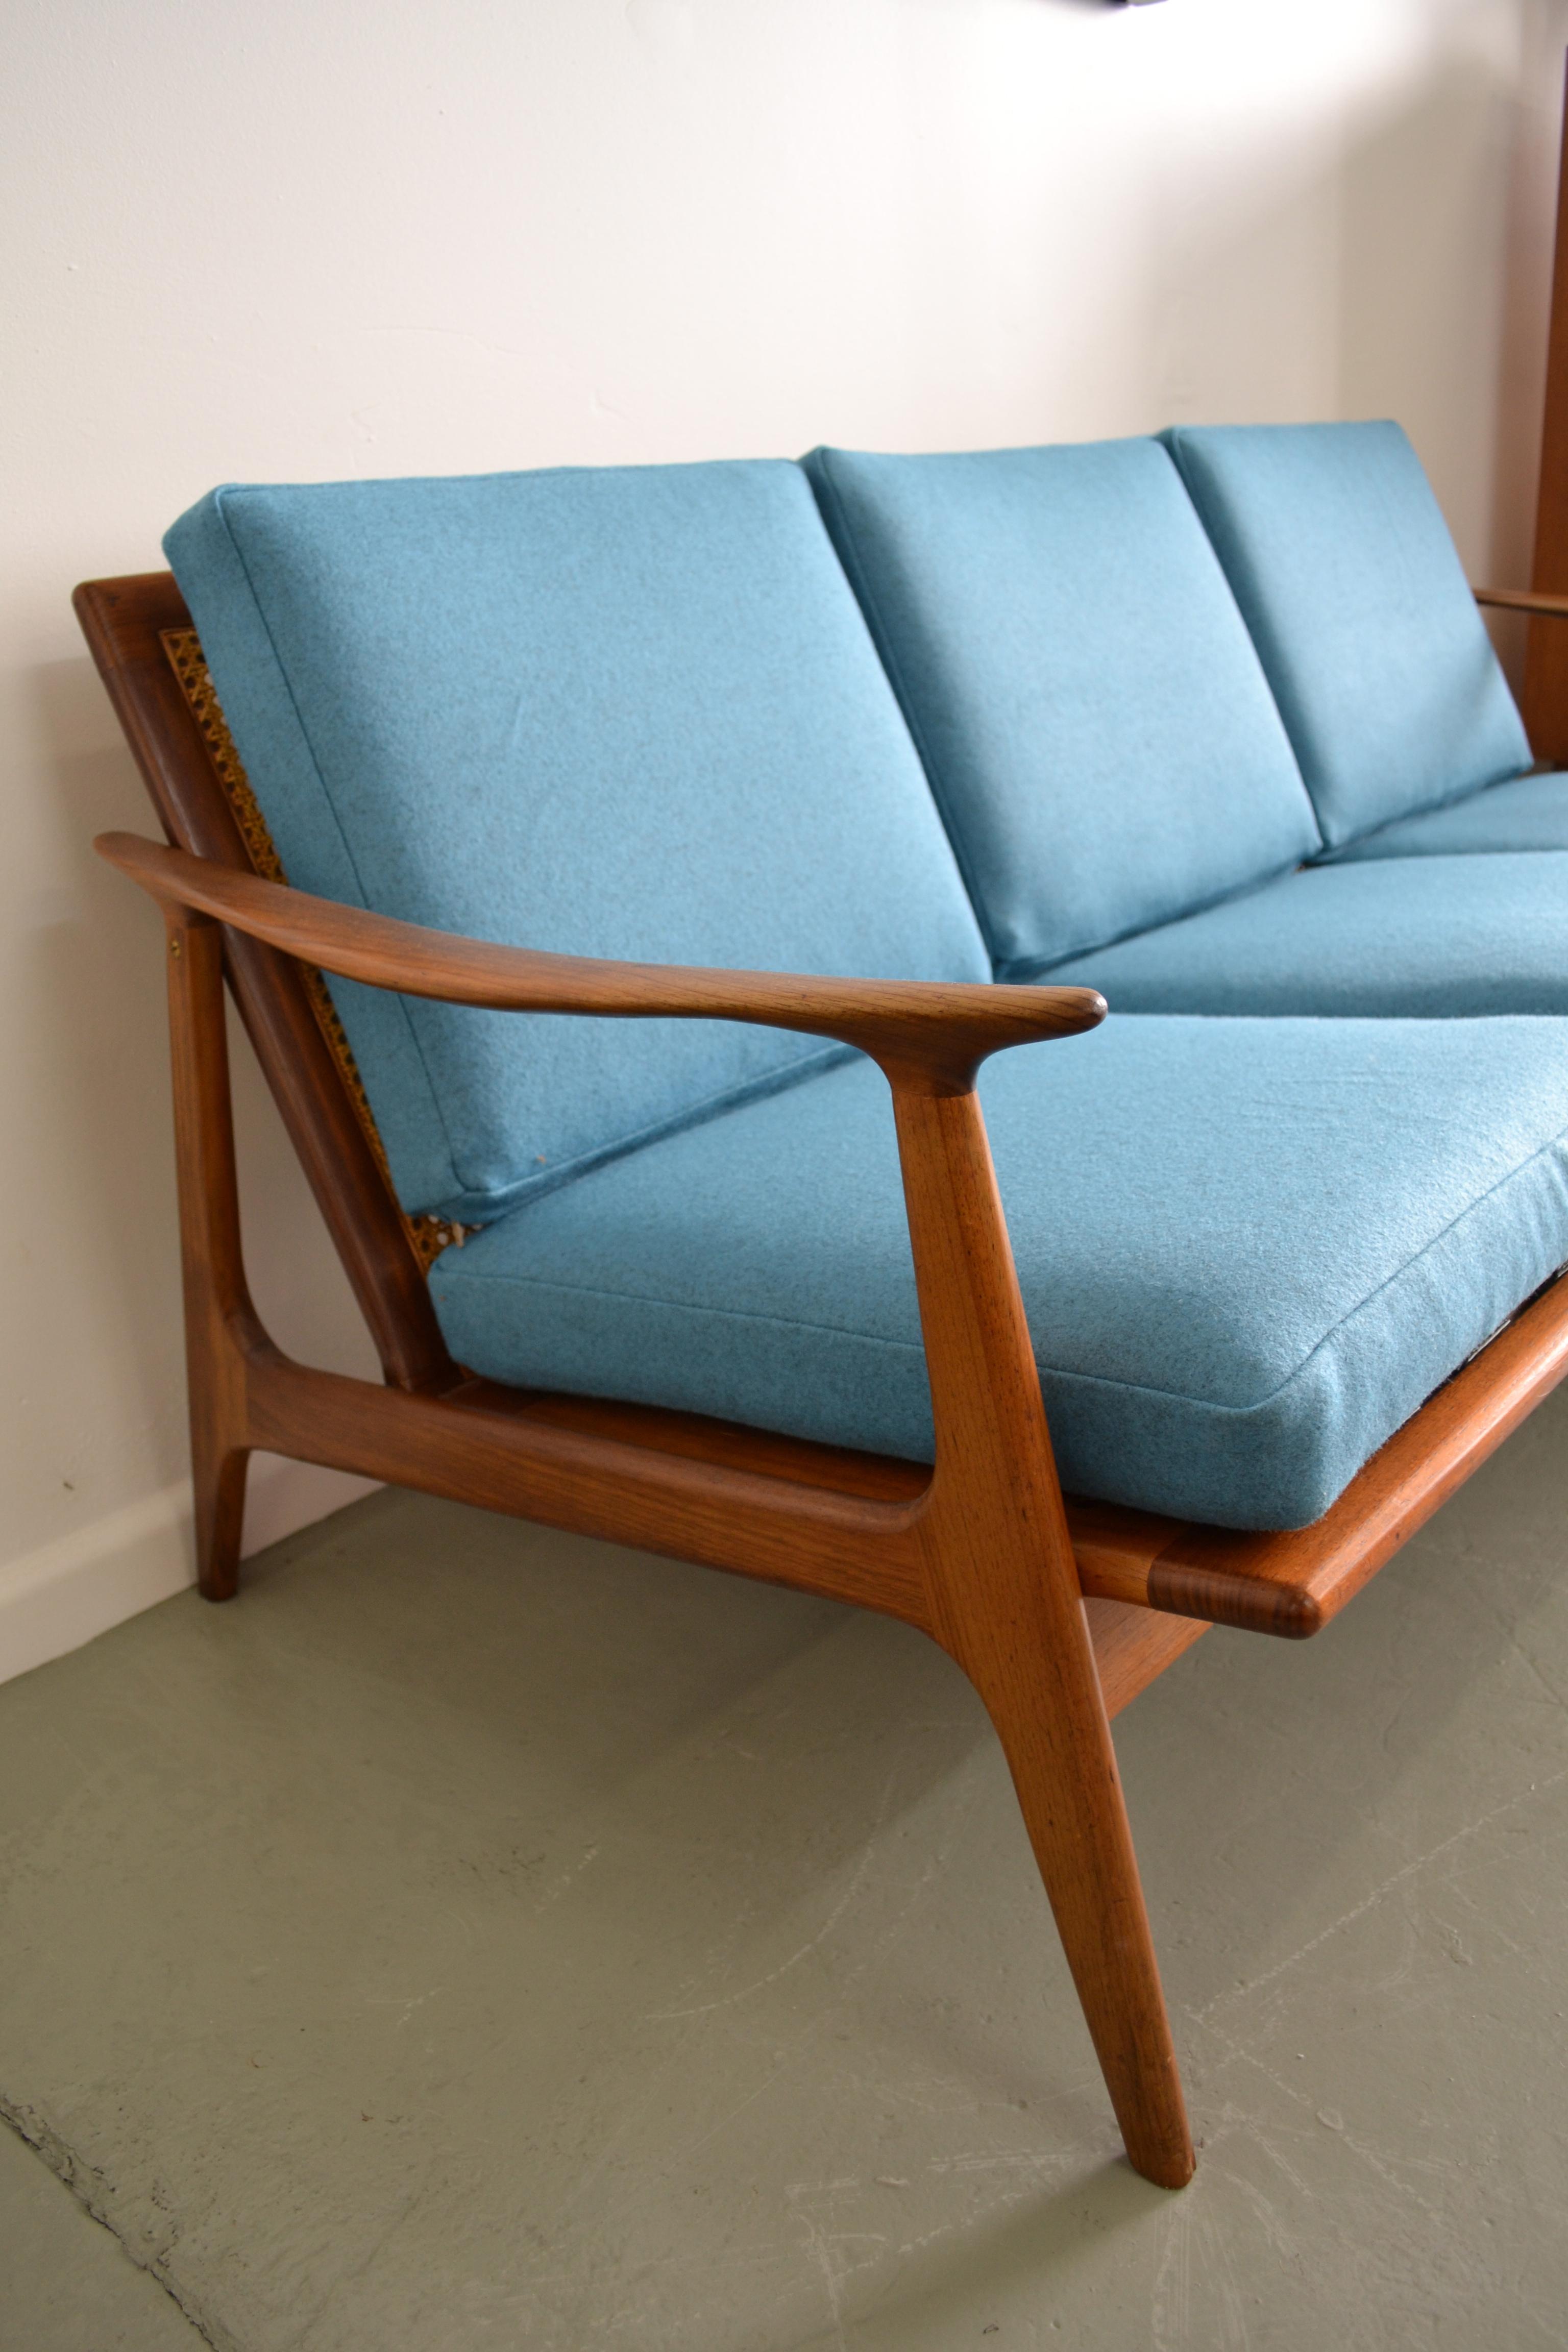 Mid-century Modern, Retro, Parker Furniture Sydney